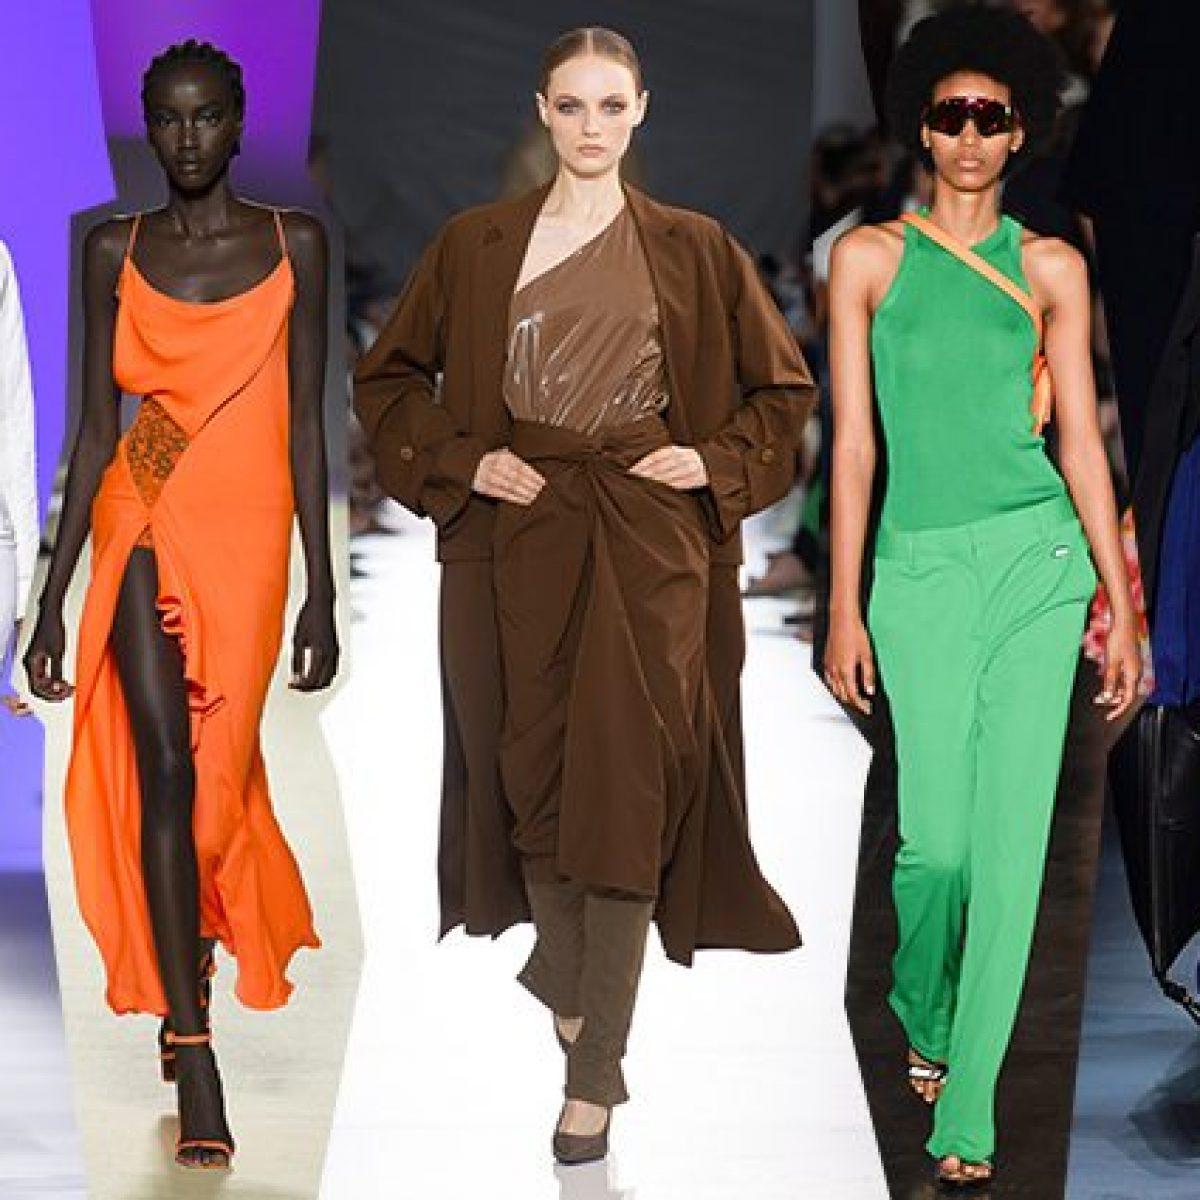 Che Colore Abbinare Al Giallo arancio e blu elettrico, i colori di moda in primavera